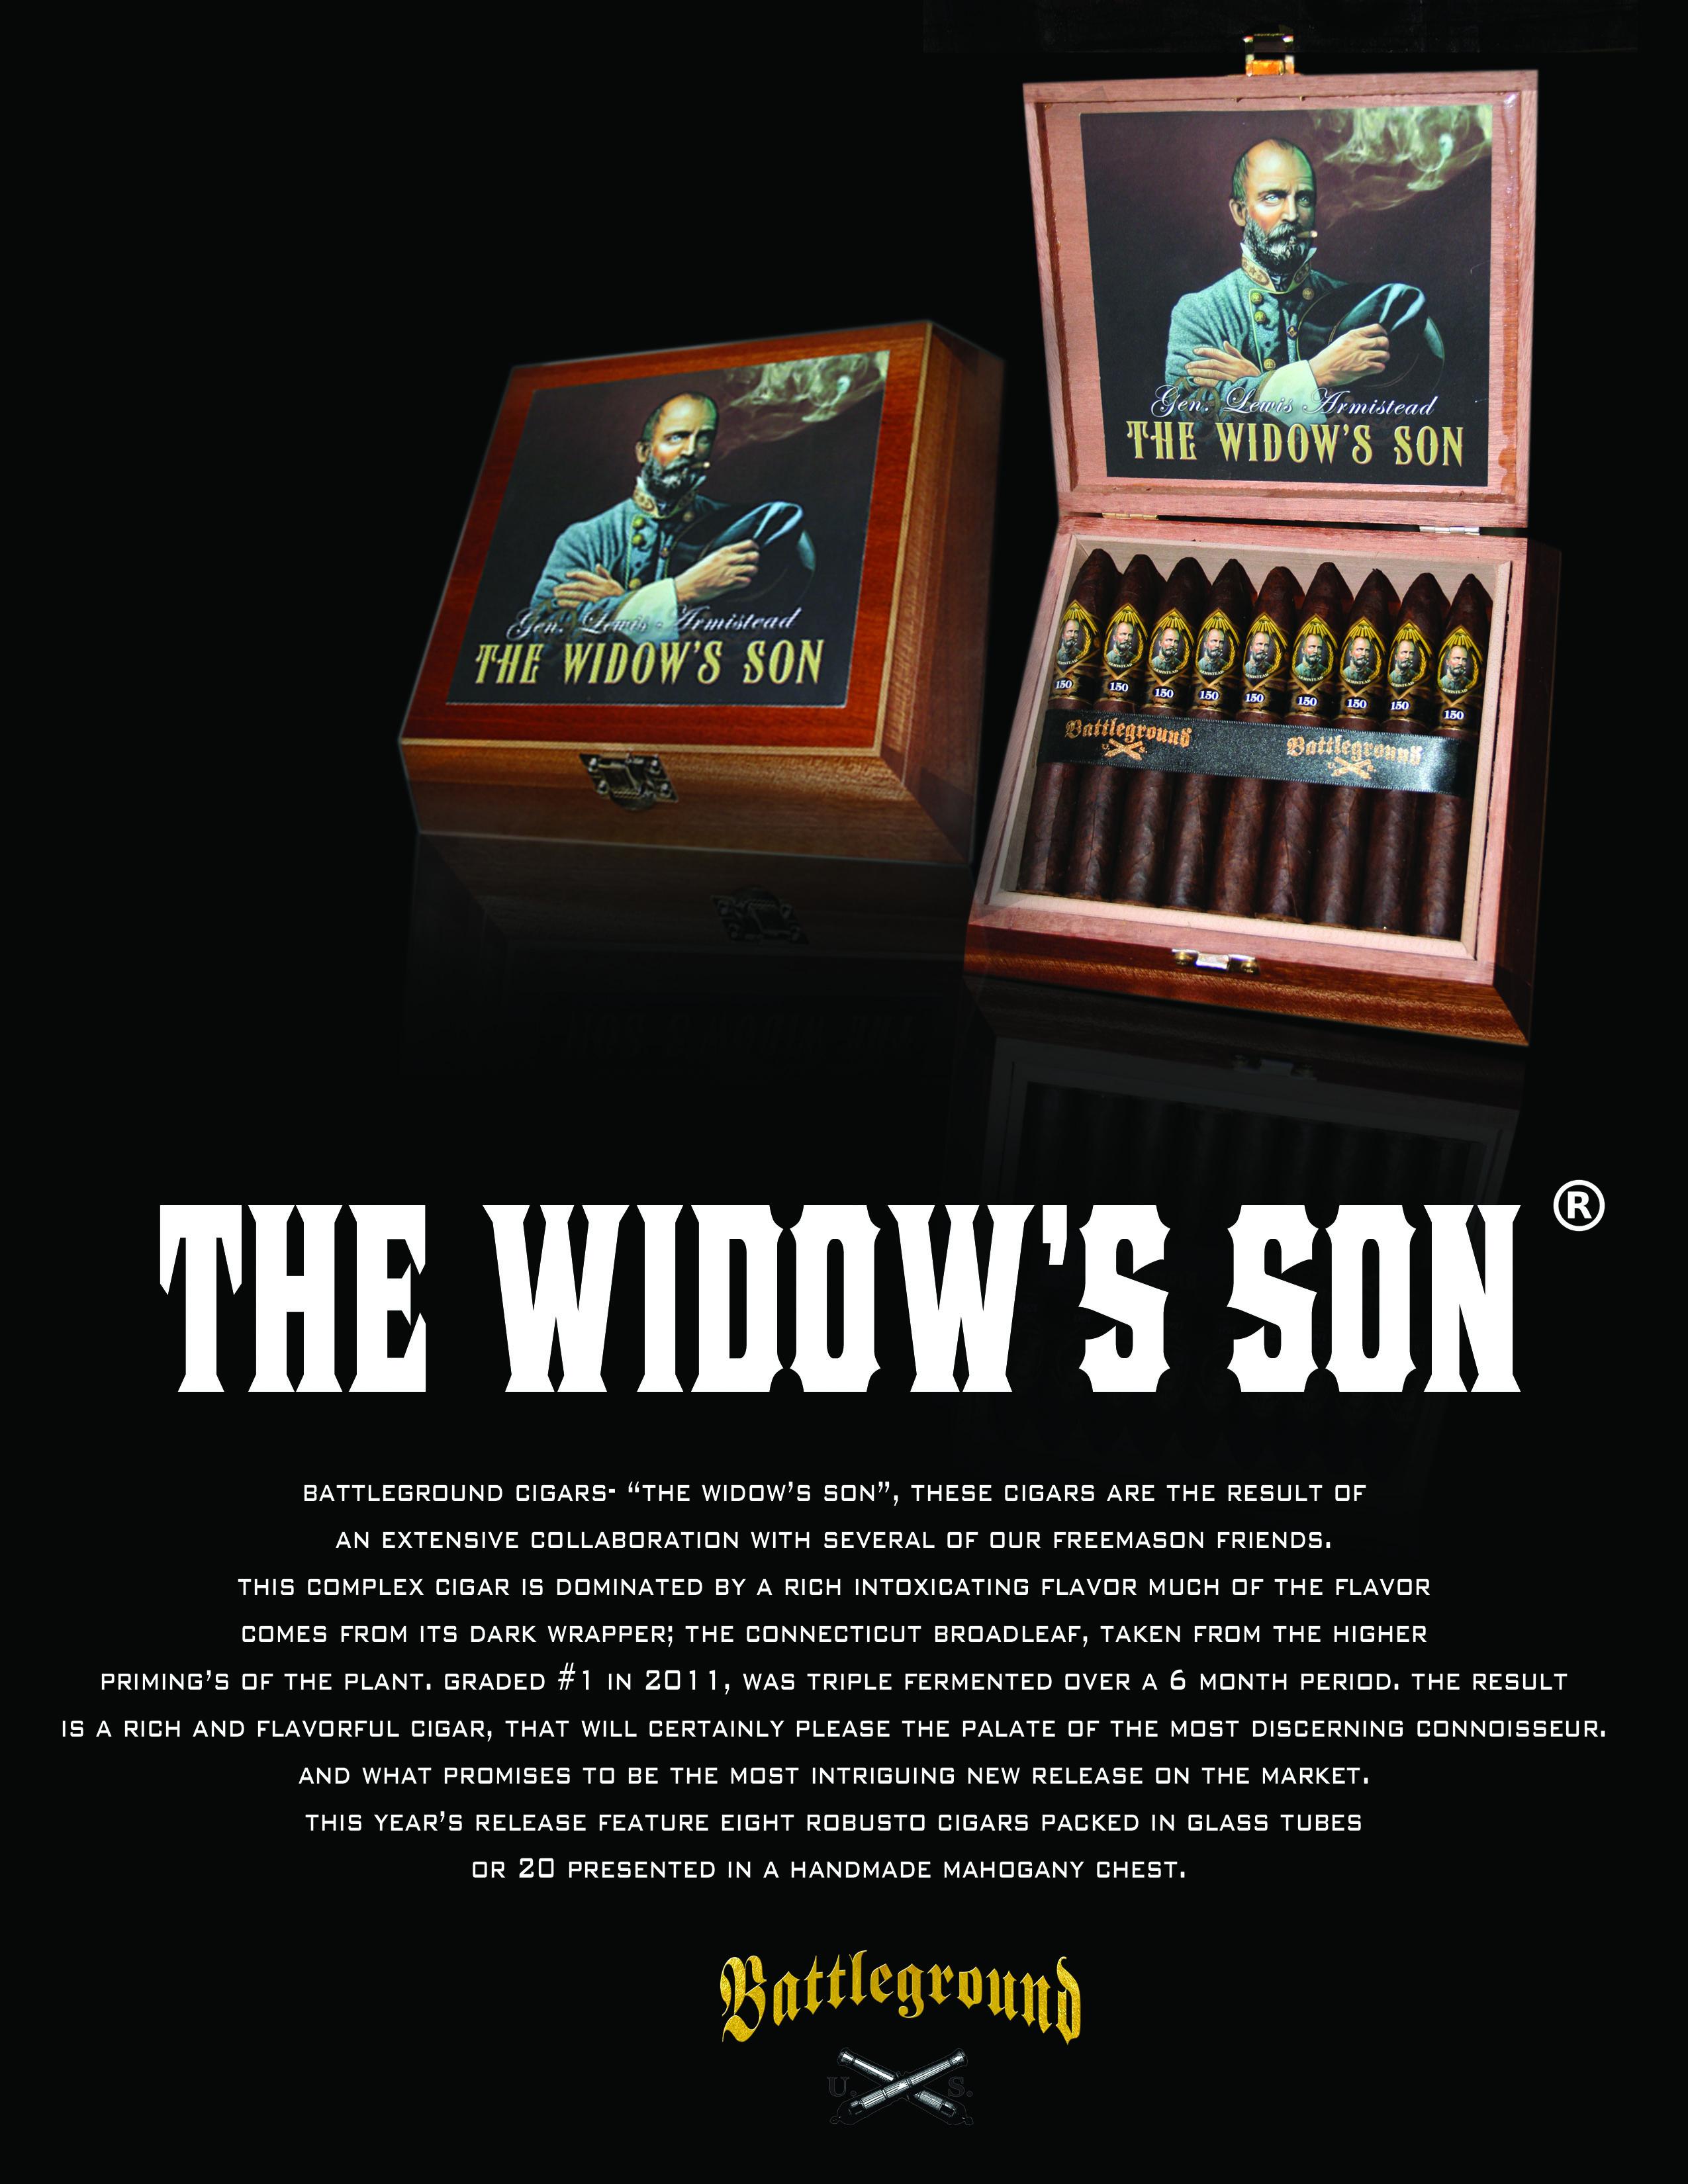 thewidowsson300.jpg